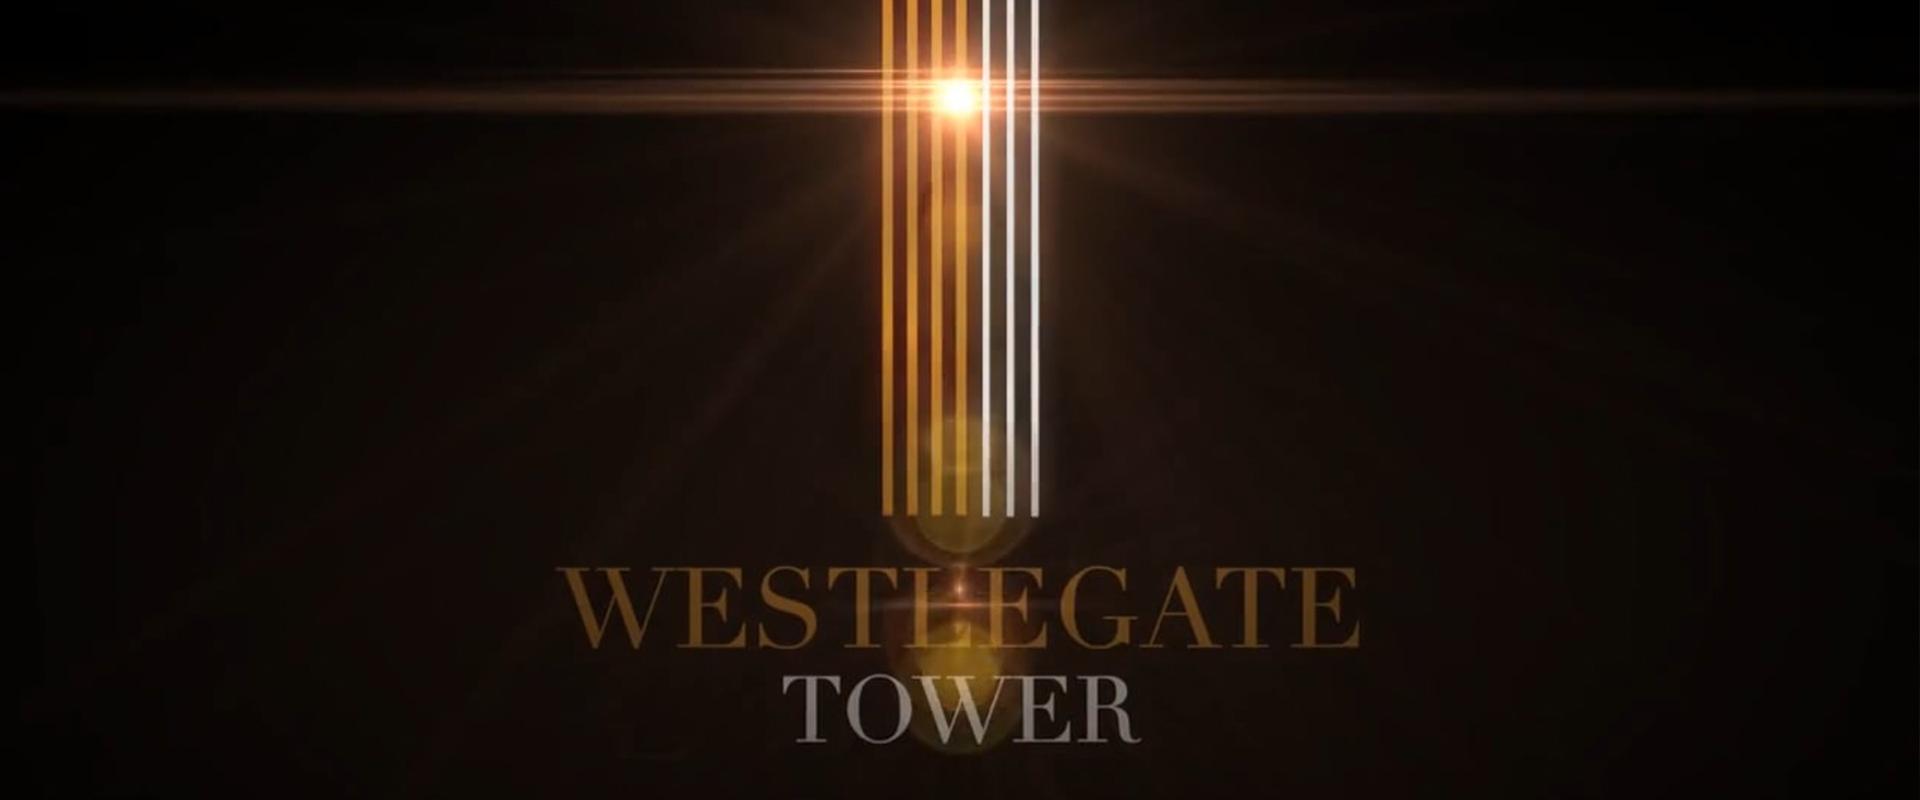 Westlegate